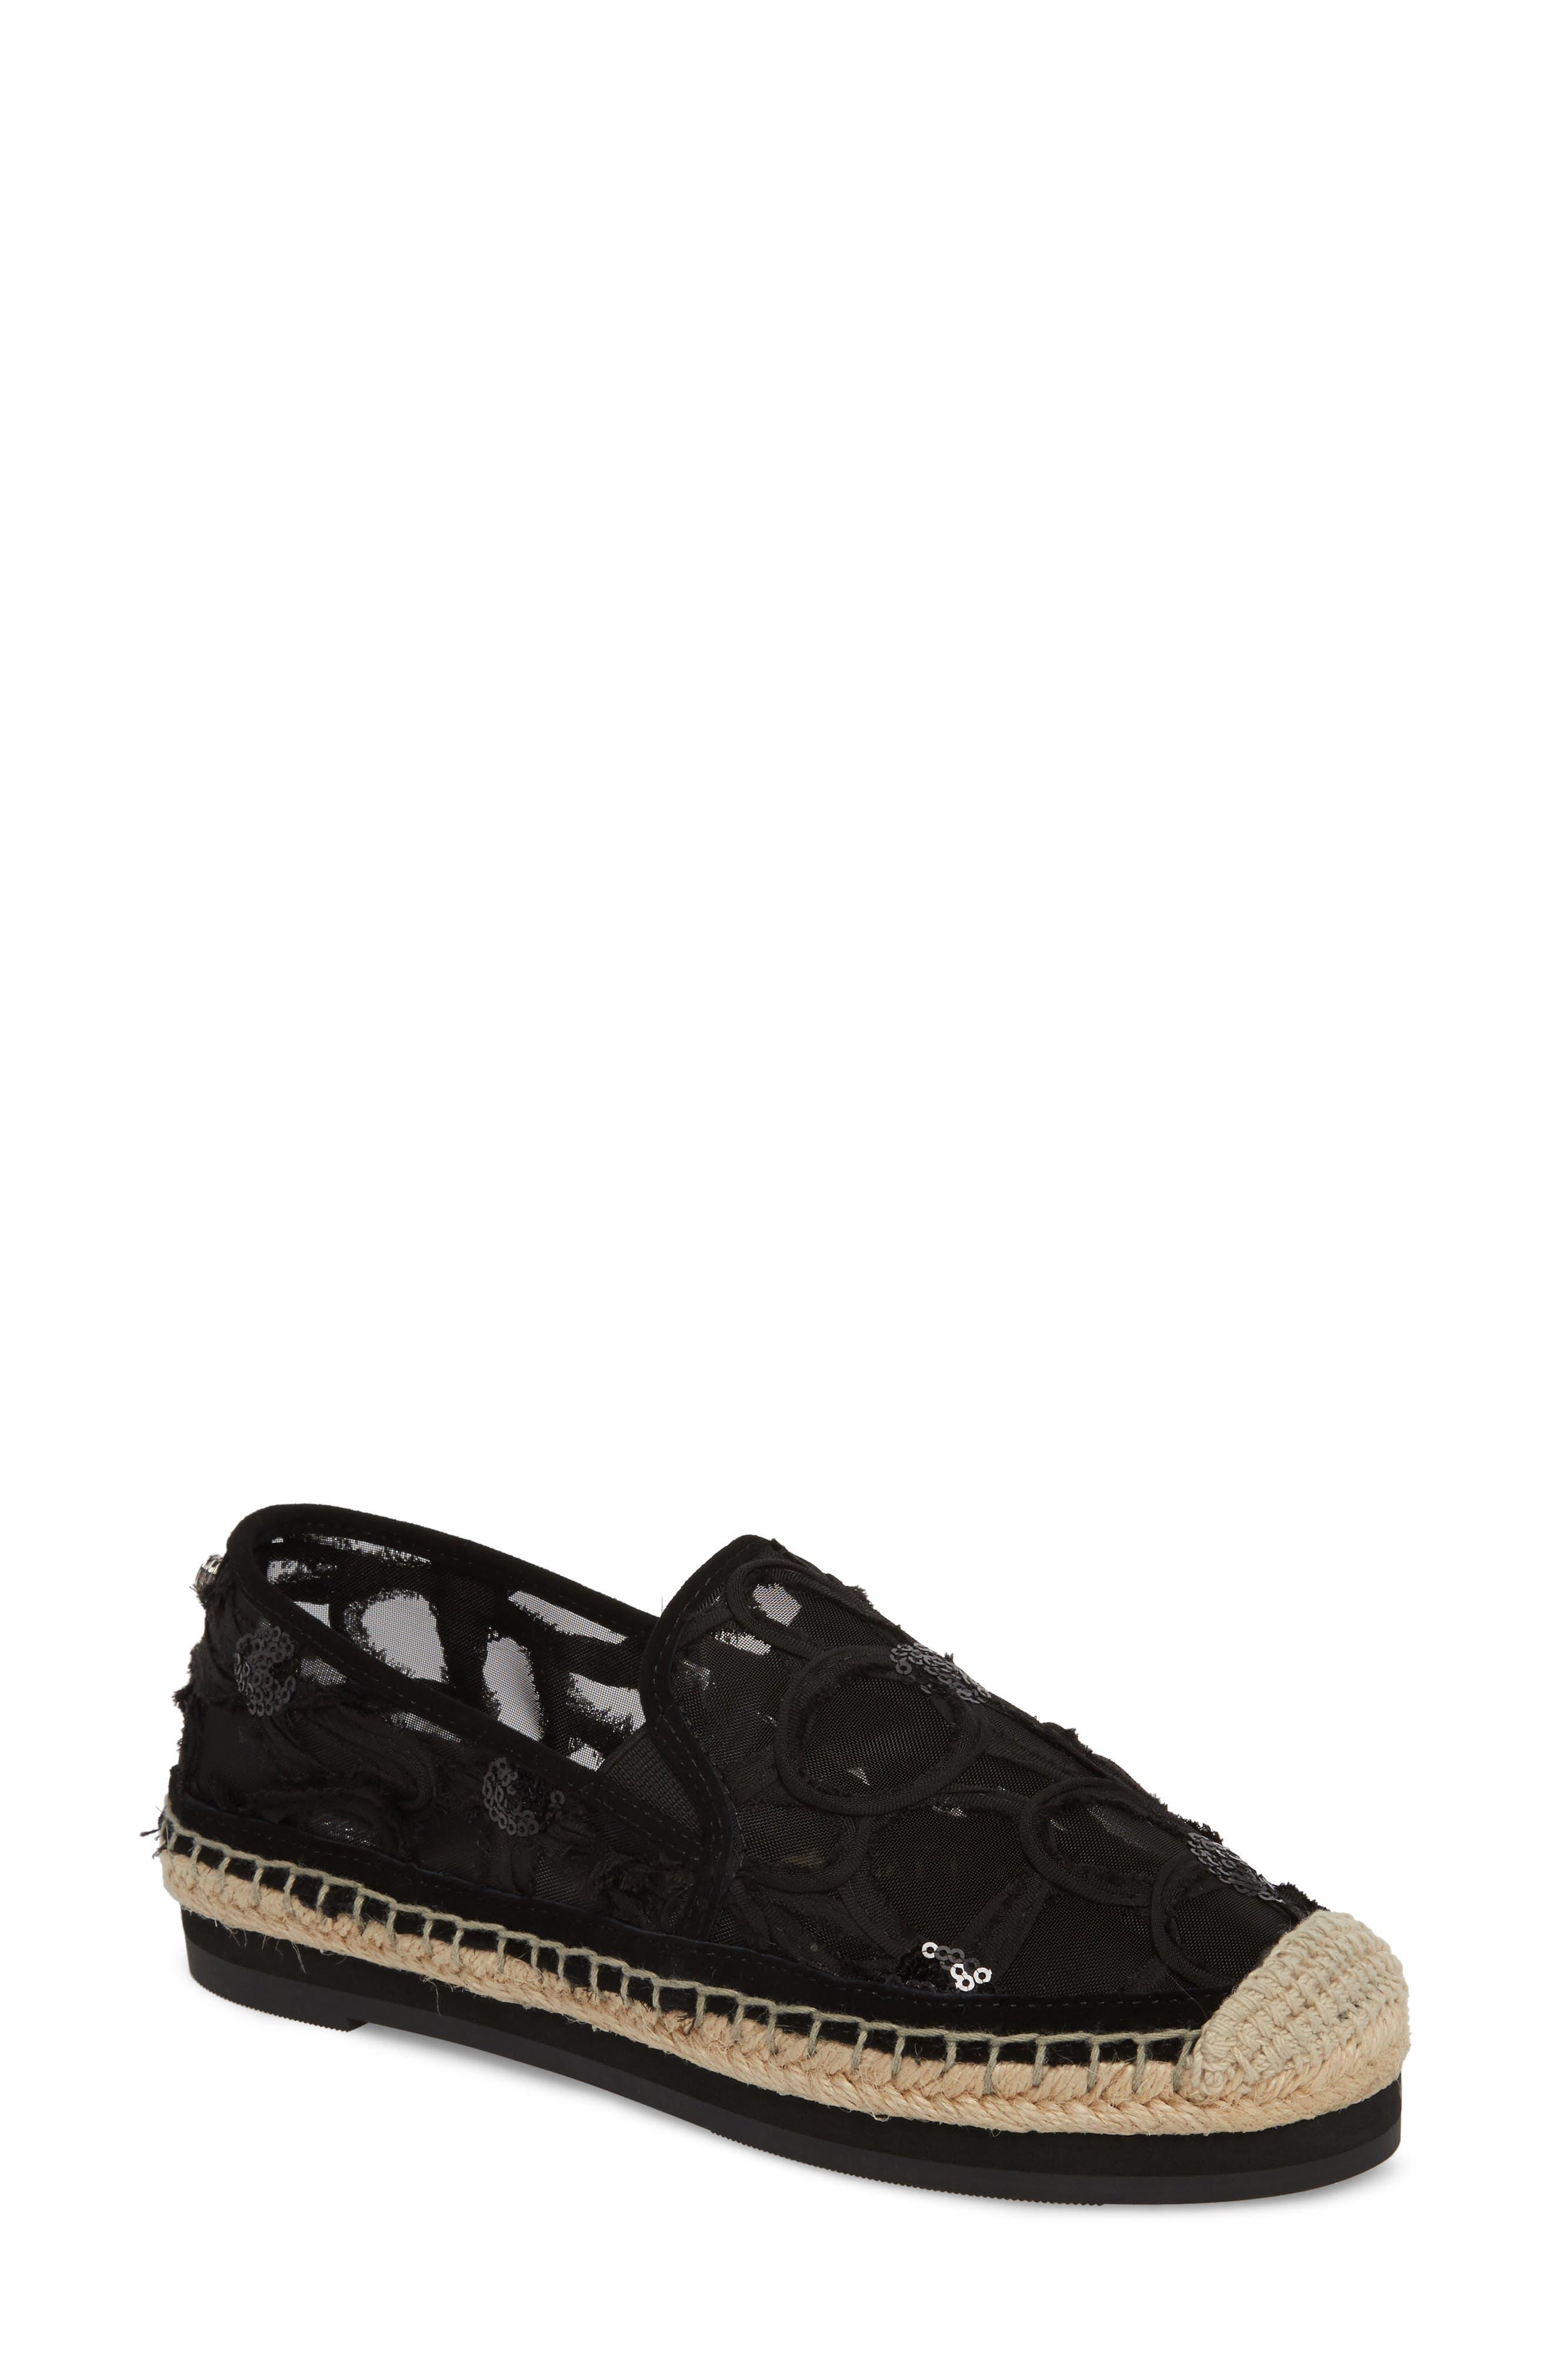 Sara Espadrille Platform Loafer,                         Main,                         color, BLACK MESH FABRIC